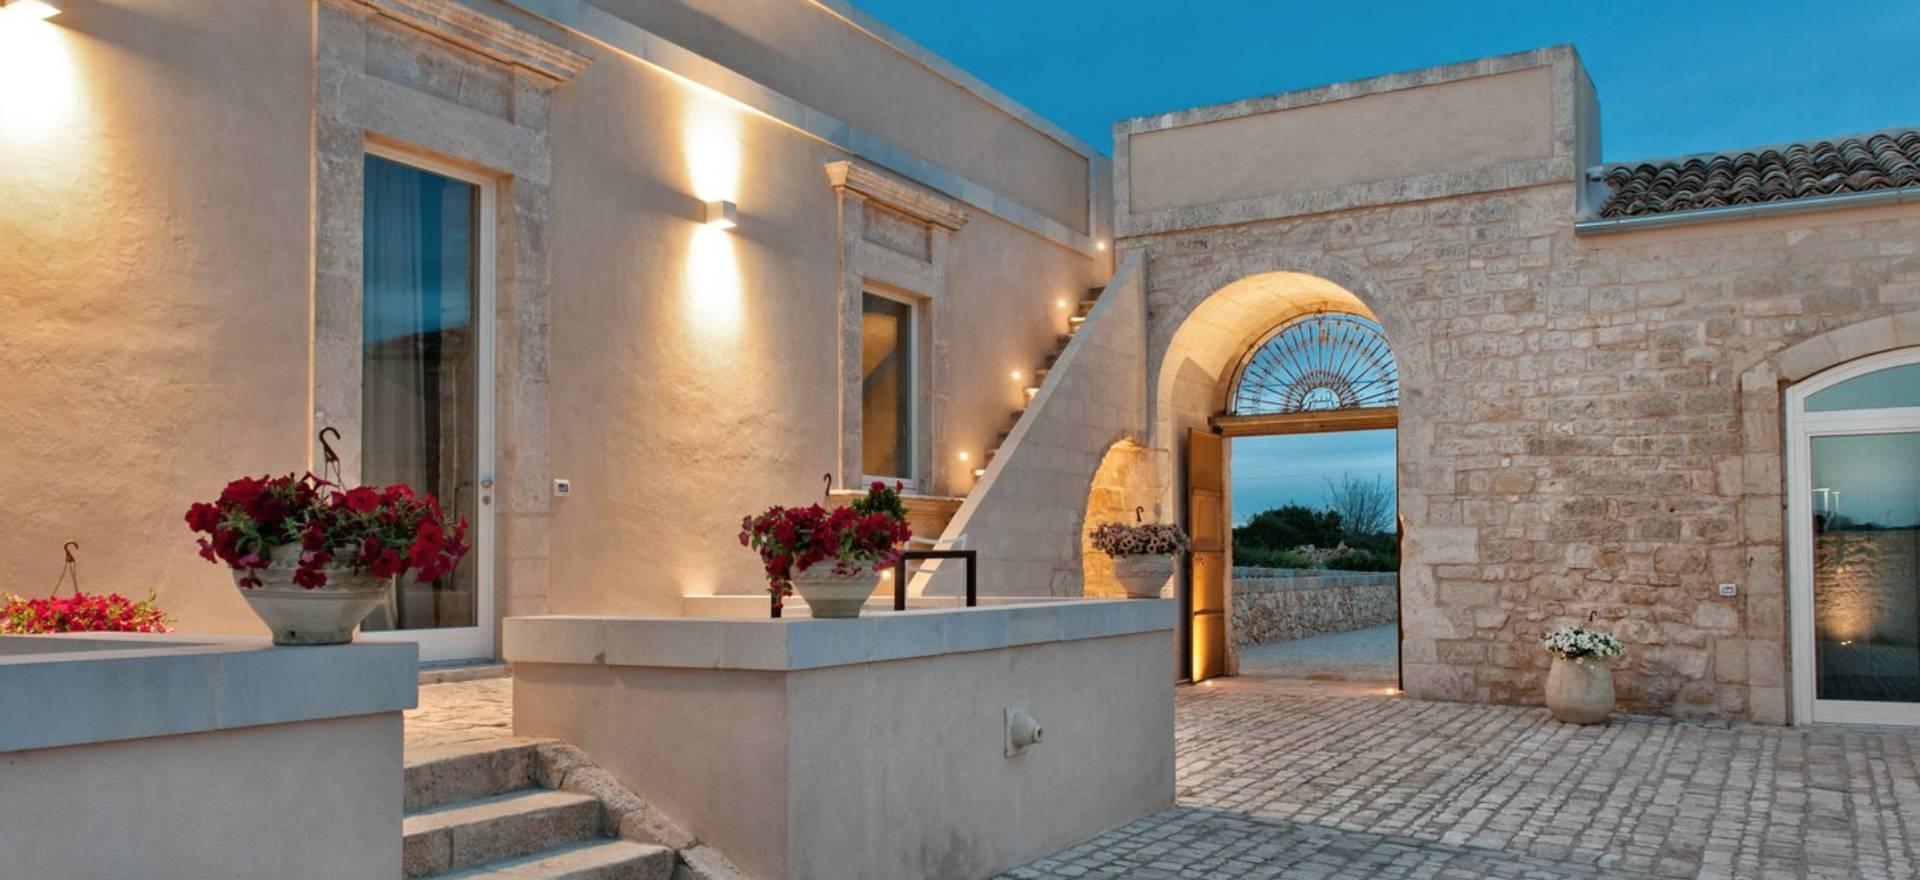 Agriturismo Sizilien Restaurierter Agriturismo mit gutem sizilianischem Restaurant